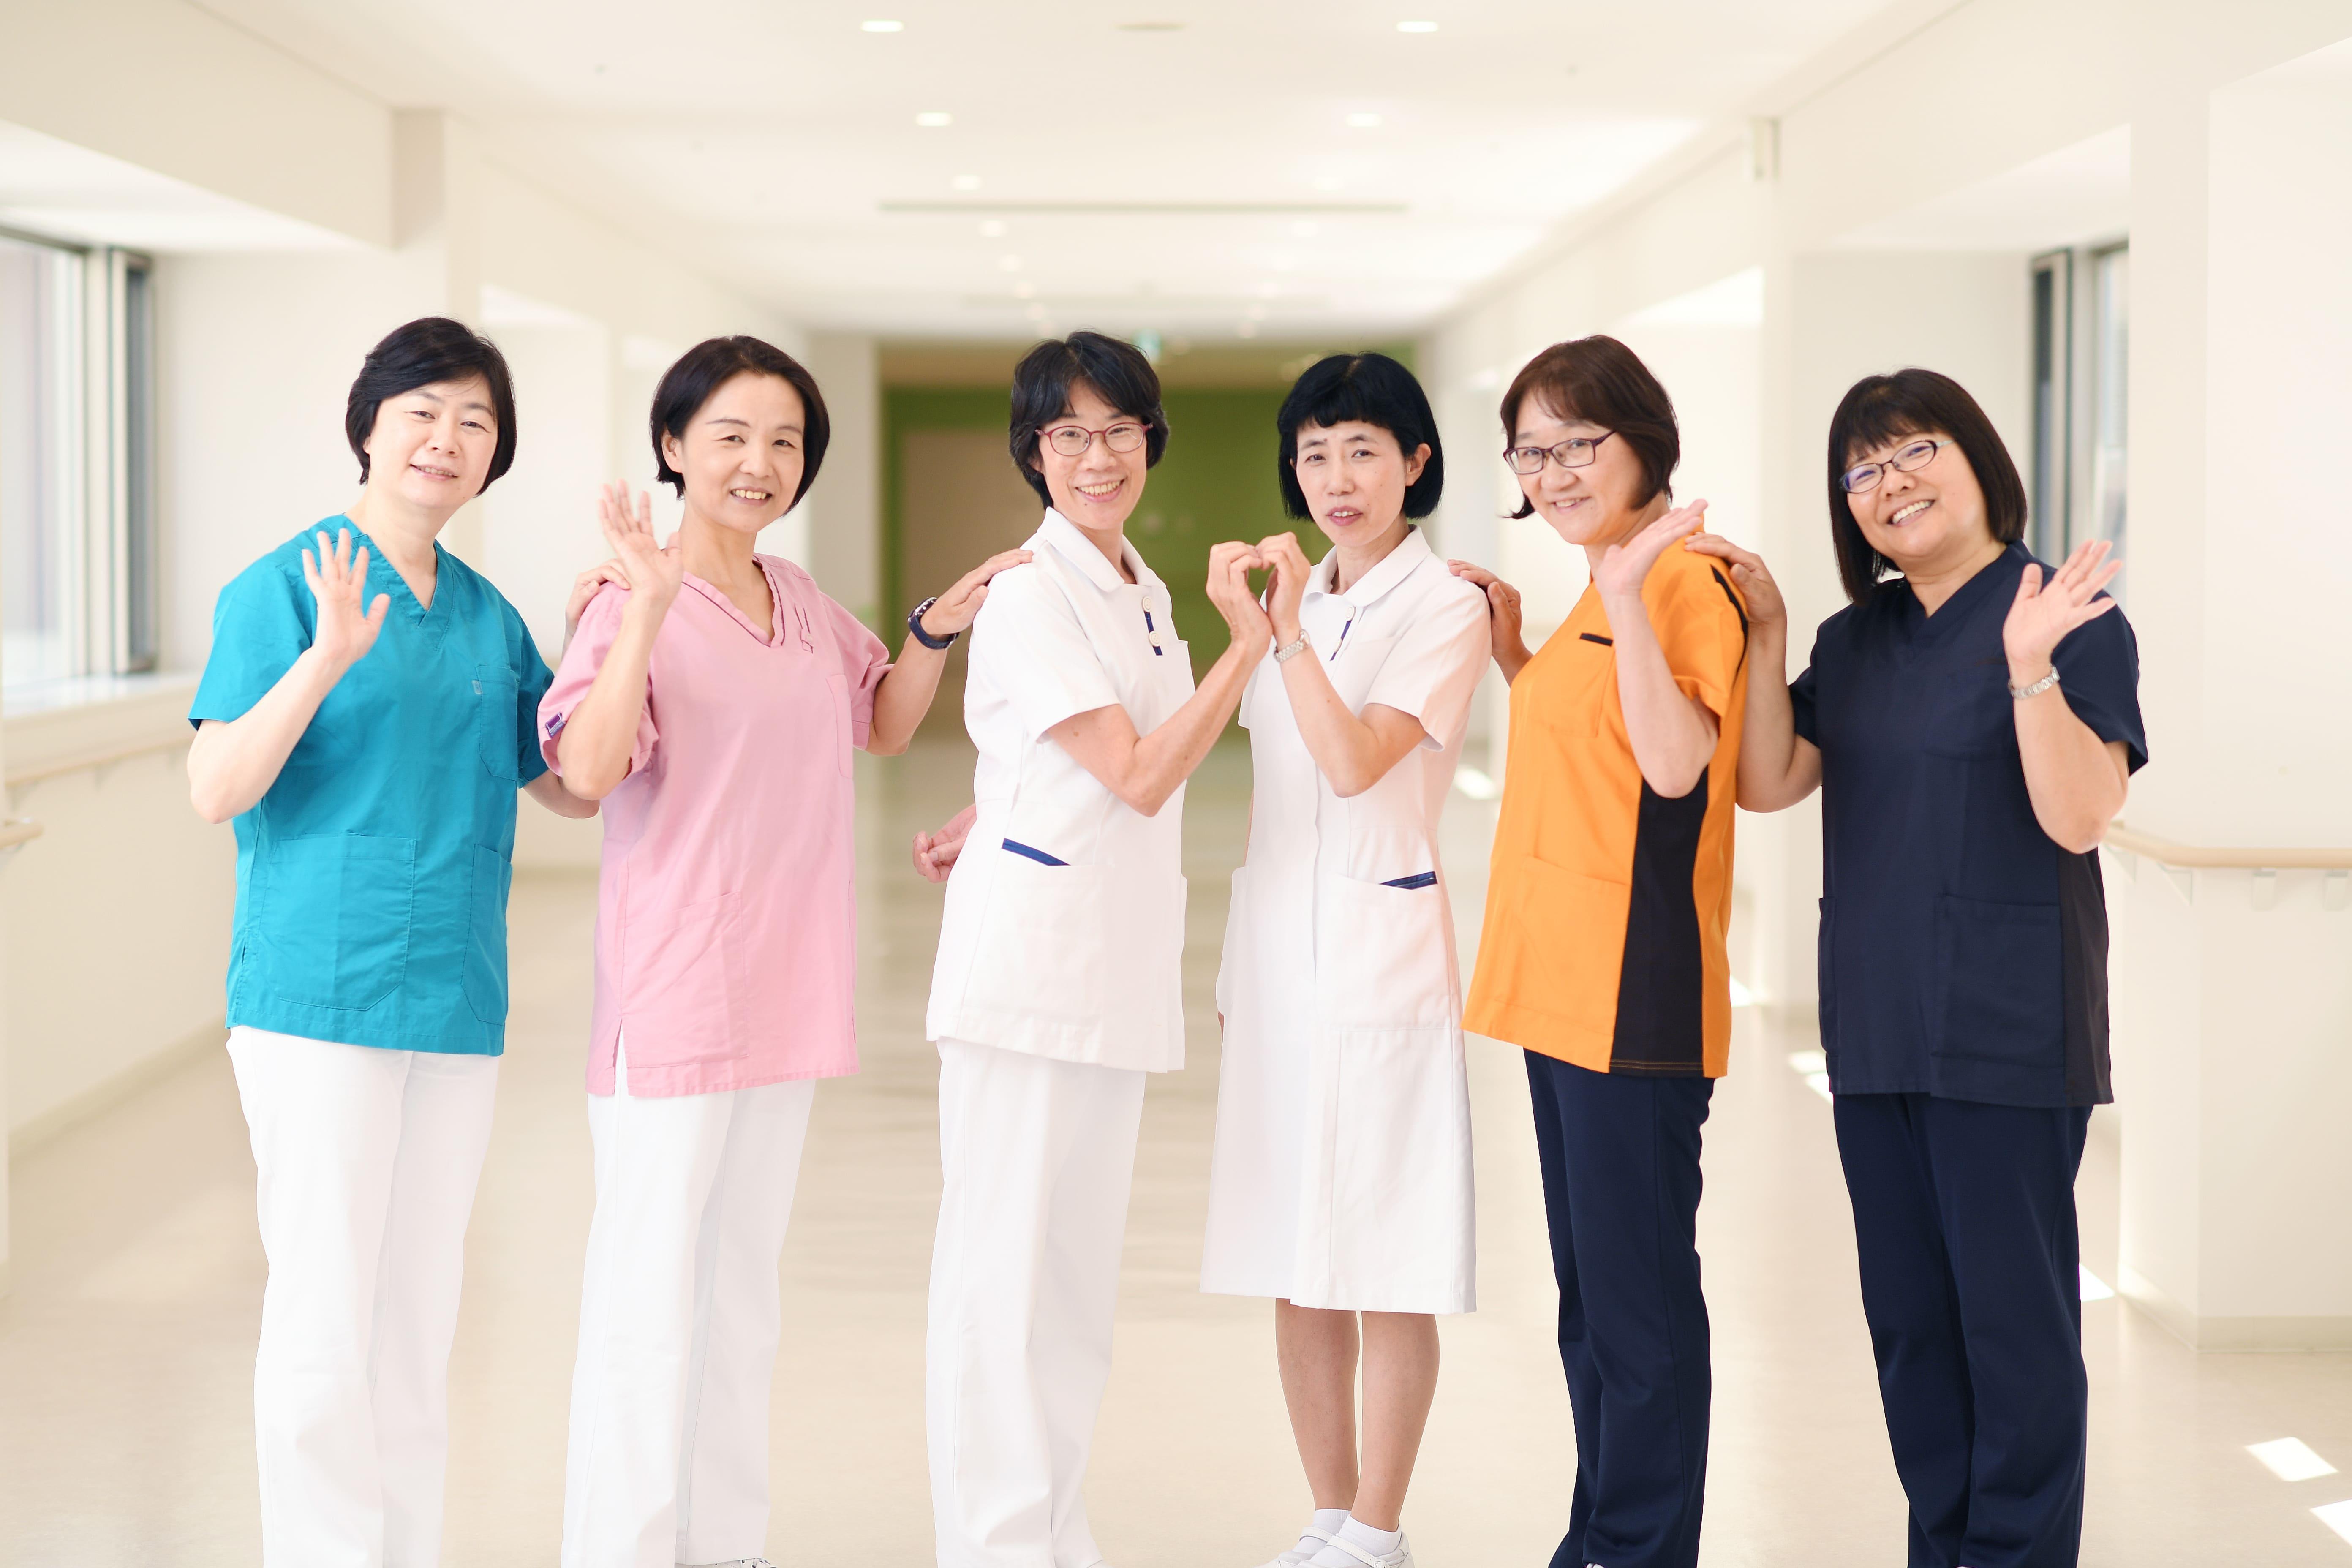 センター 総合 大阪 医療 期 急性 入札・契約情報